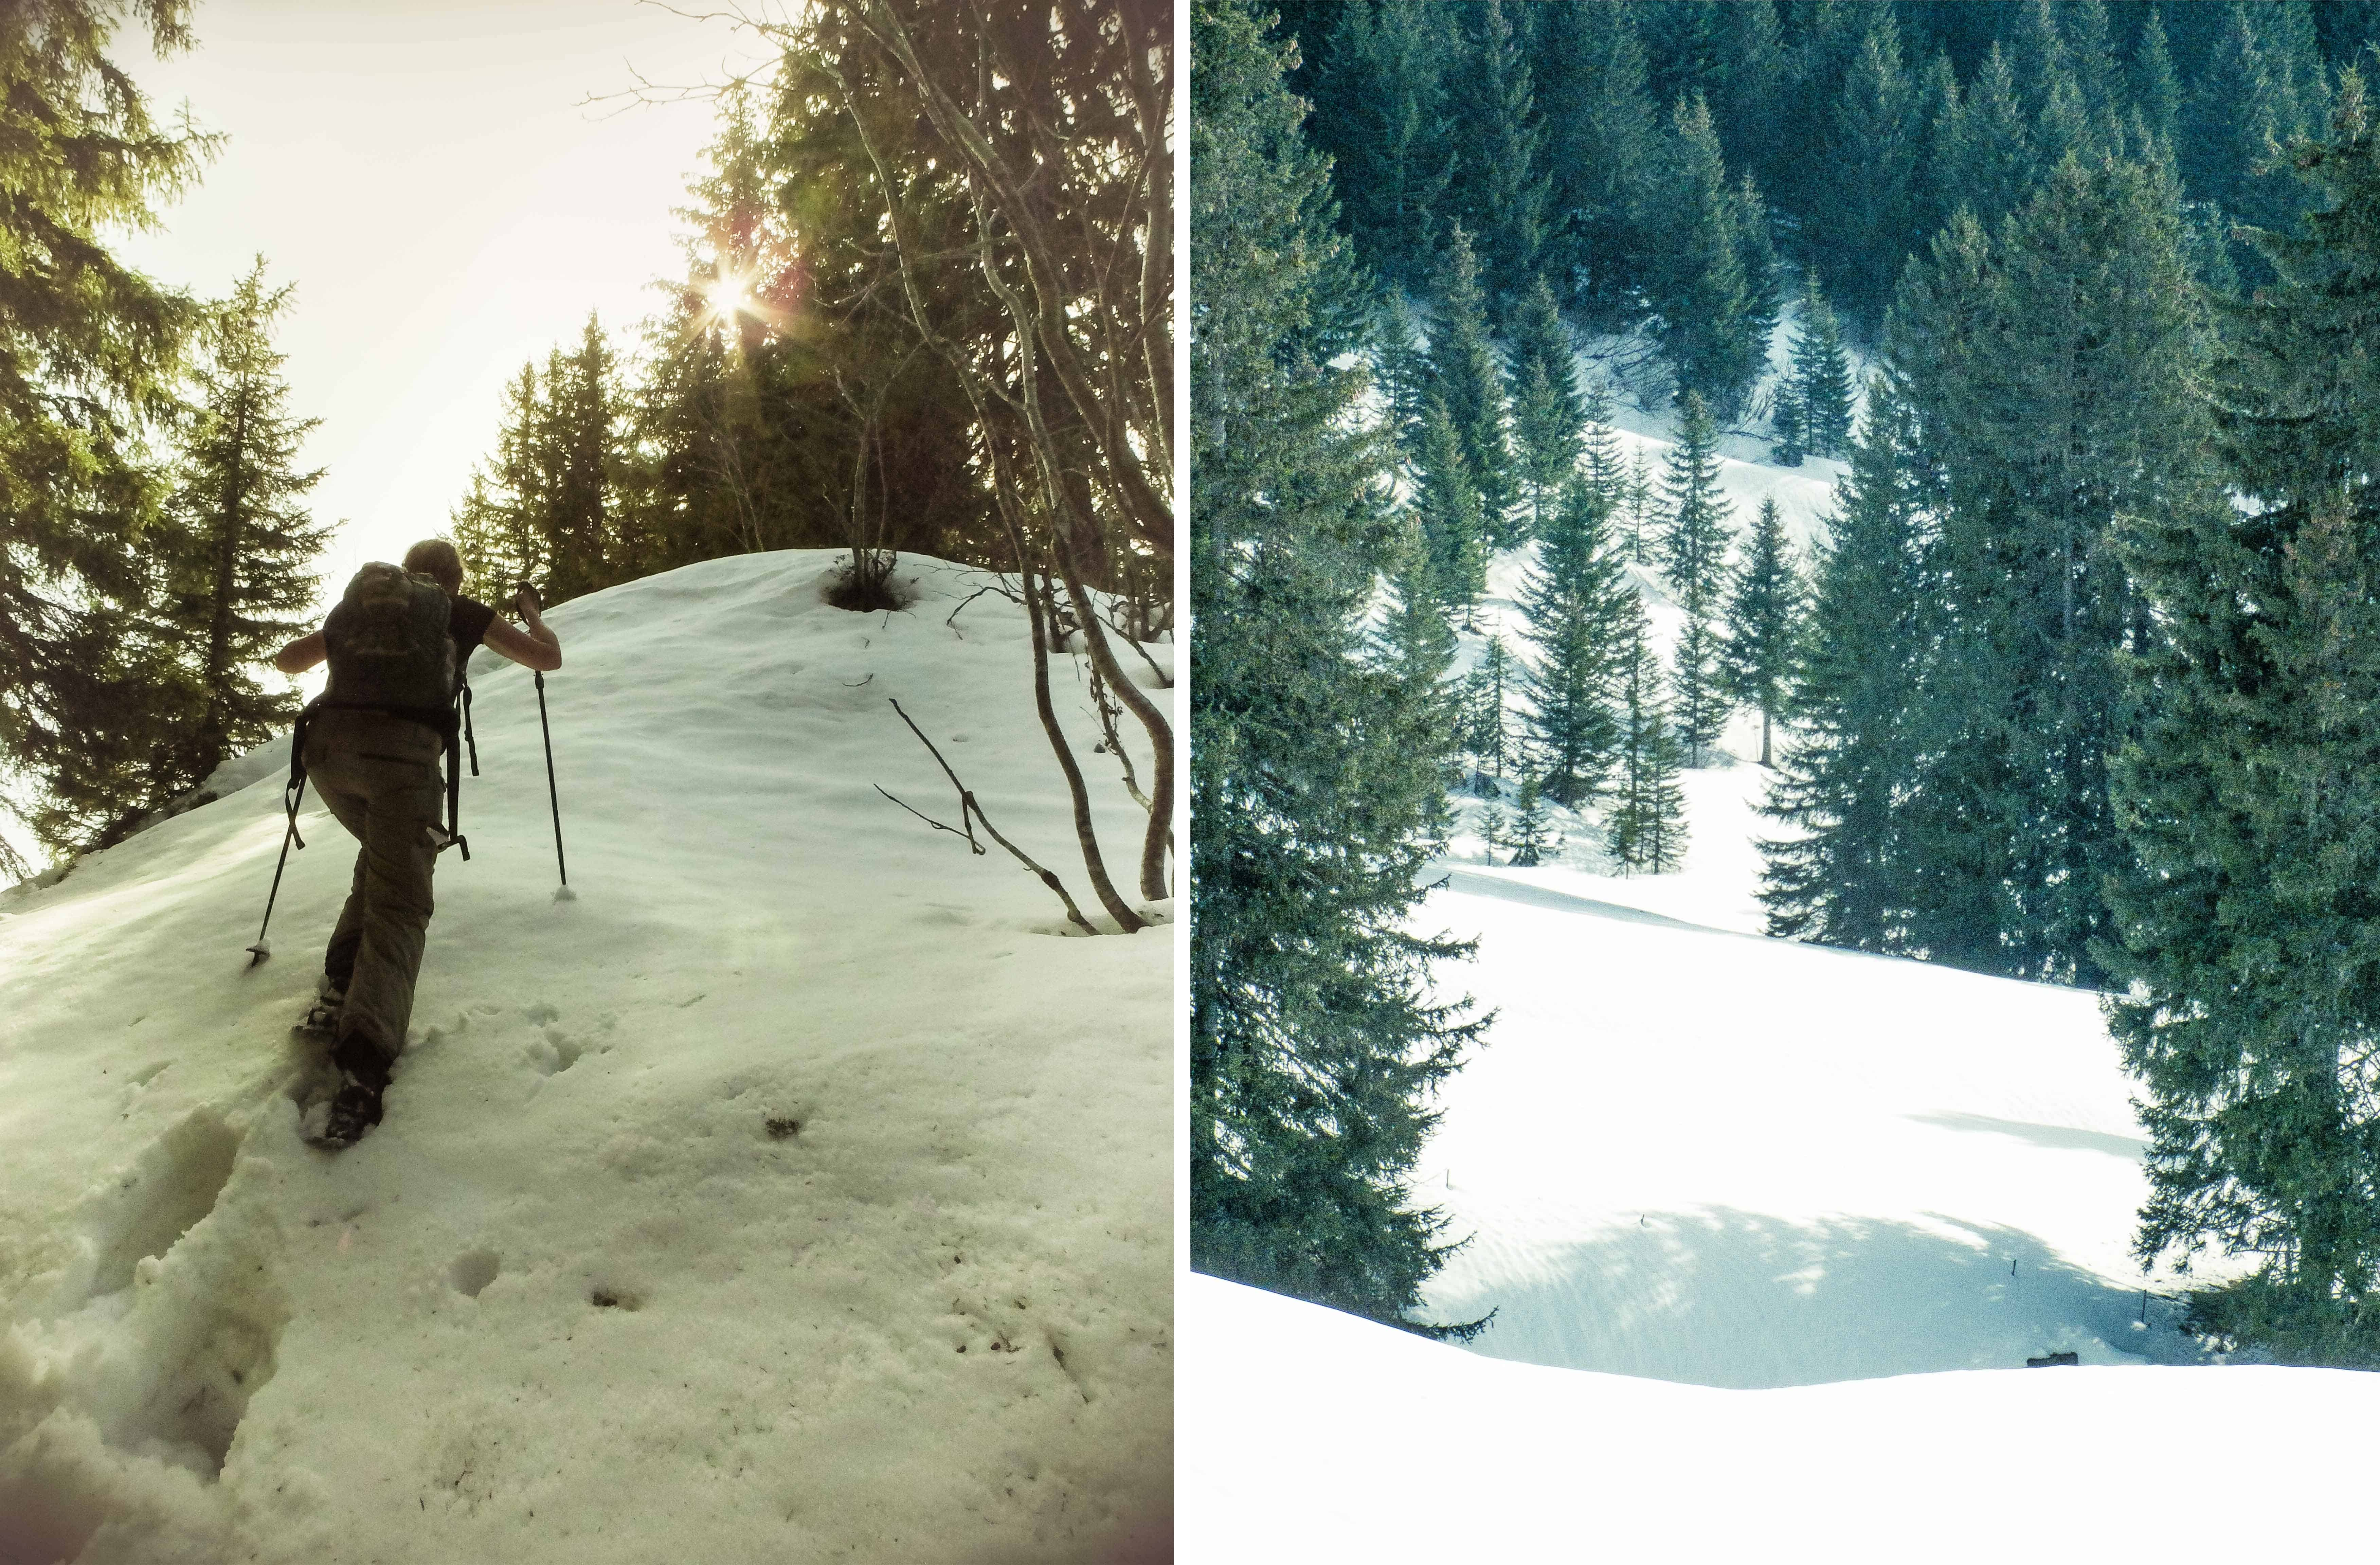 Sneeuwschoenwandeling: ploegen door de sneeuw